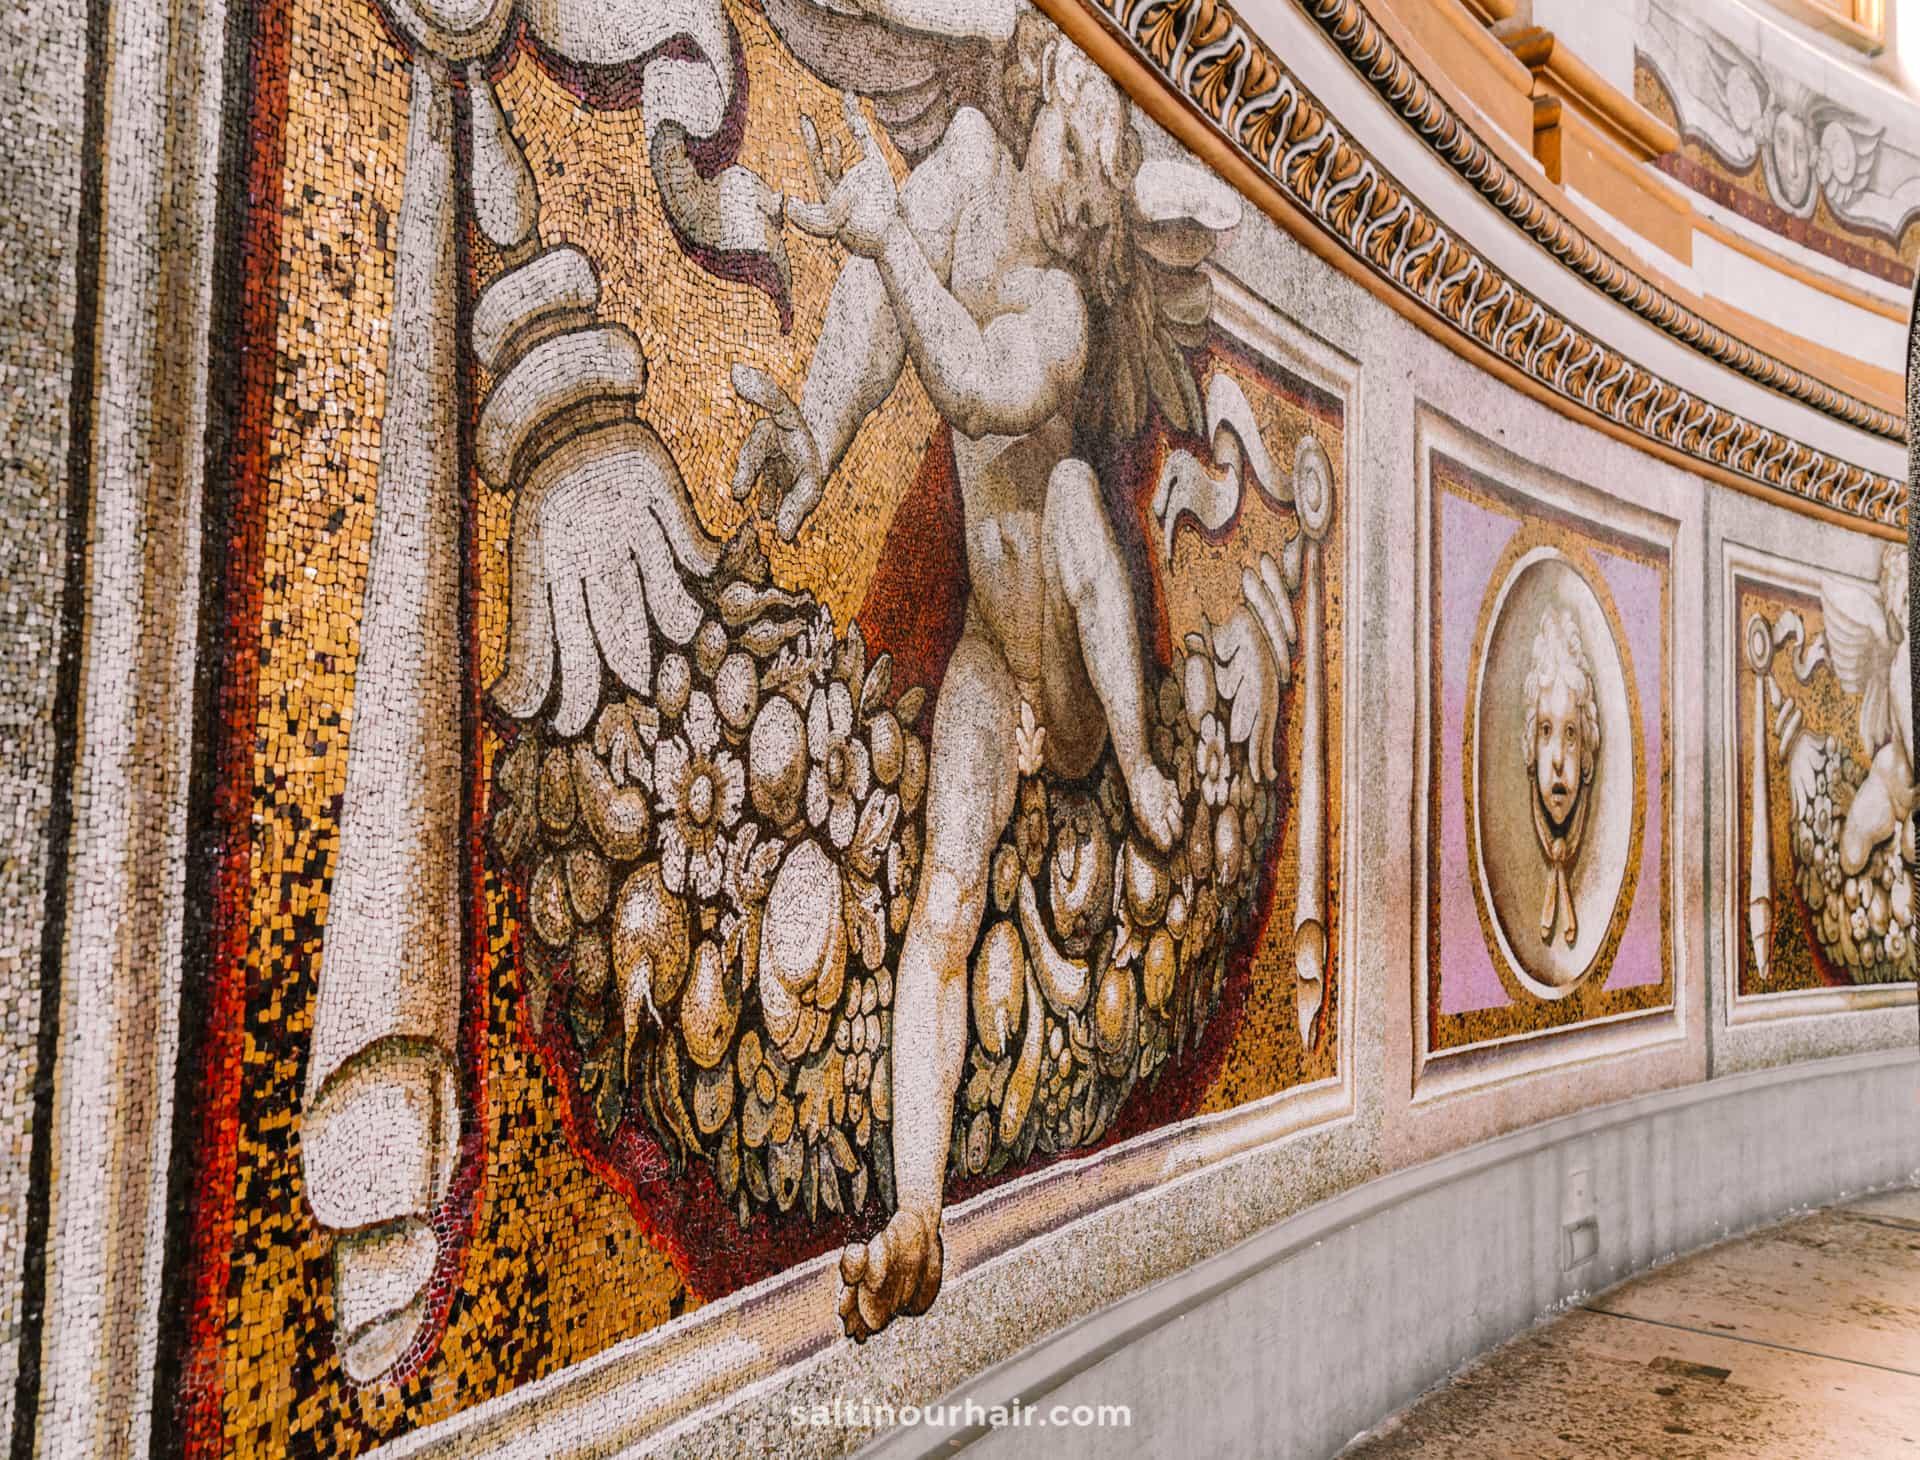 unesco heritage St. Peters Basilica